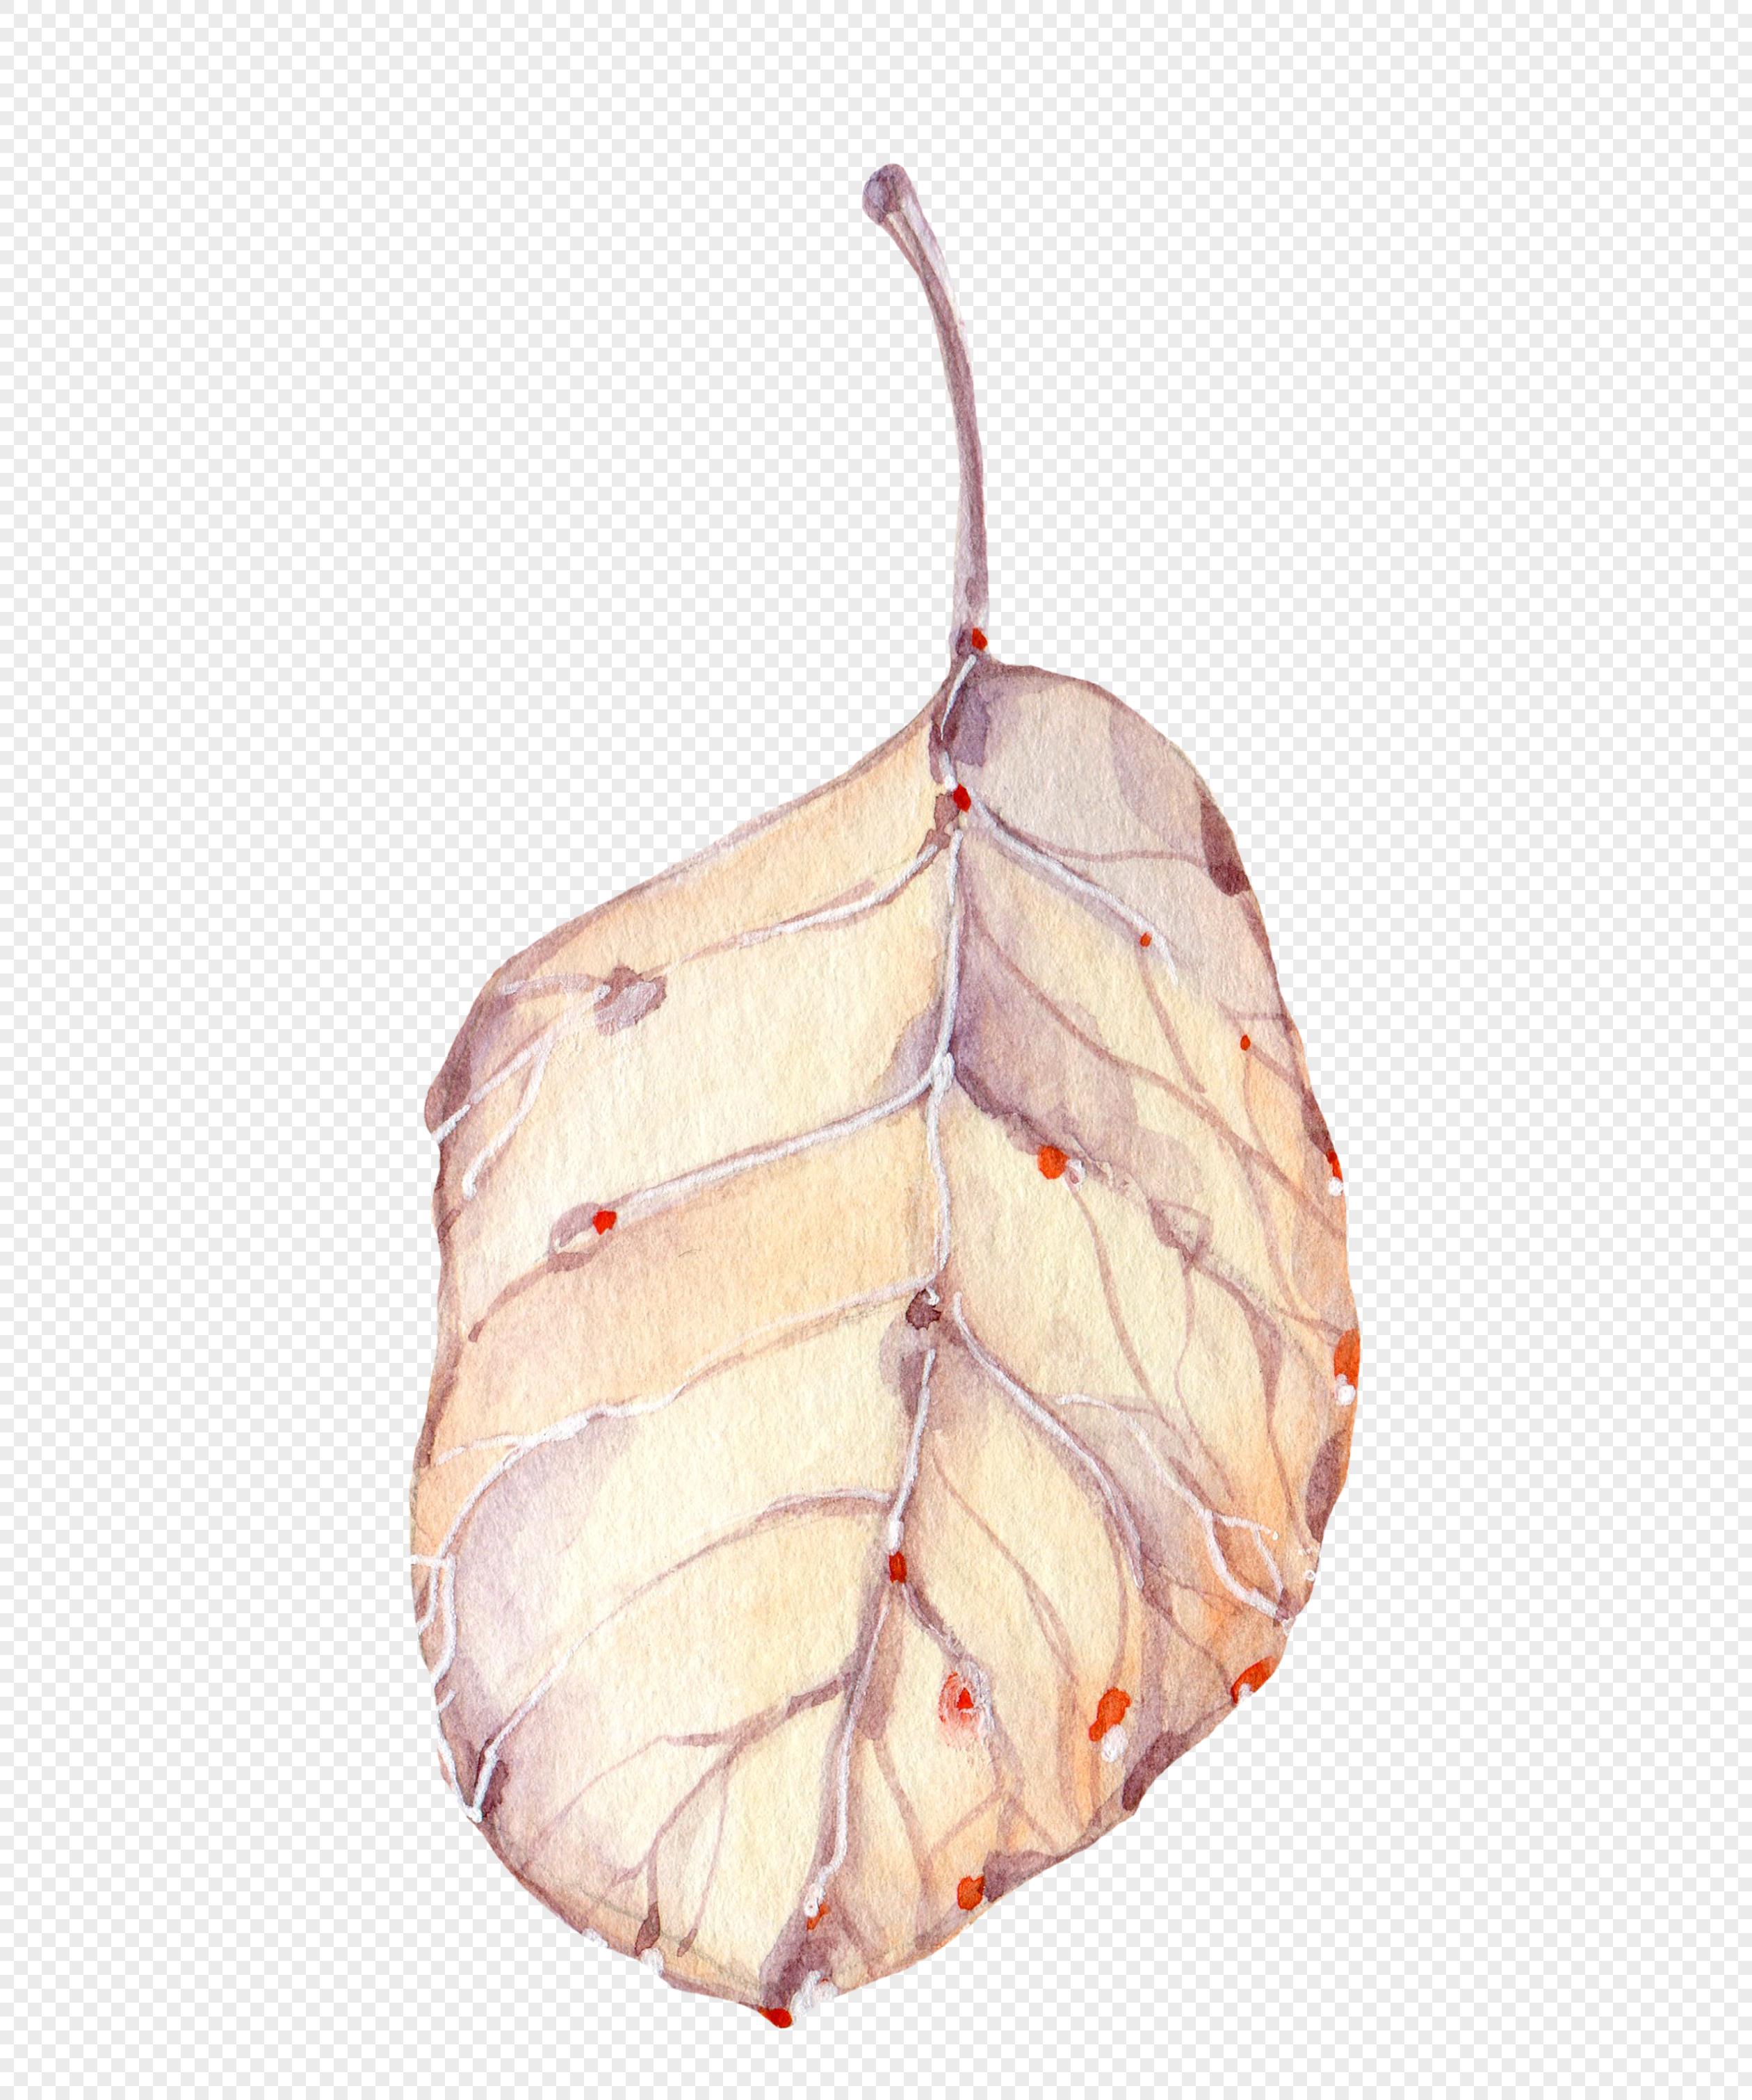 水彩手绘叶子素材